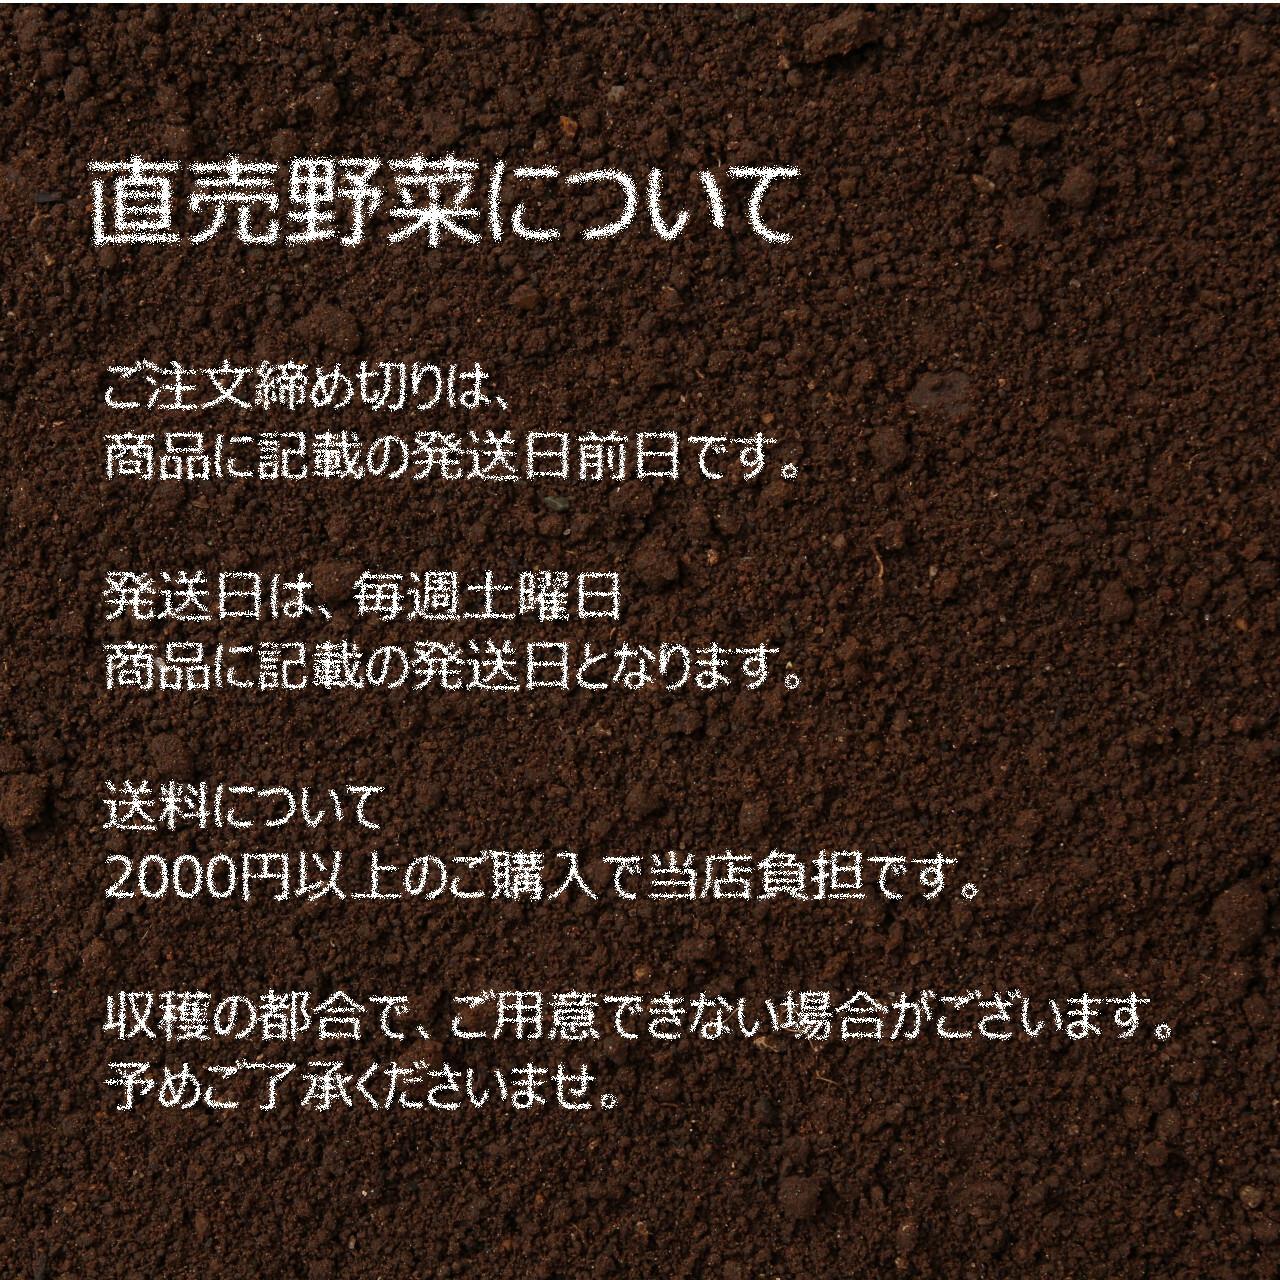 ピーマン 約150g : 6月の朝採り直売野菜 春の新鮮野菜 6月20日発送予定